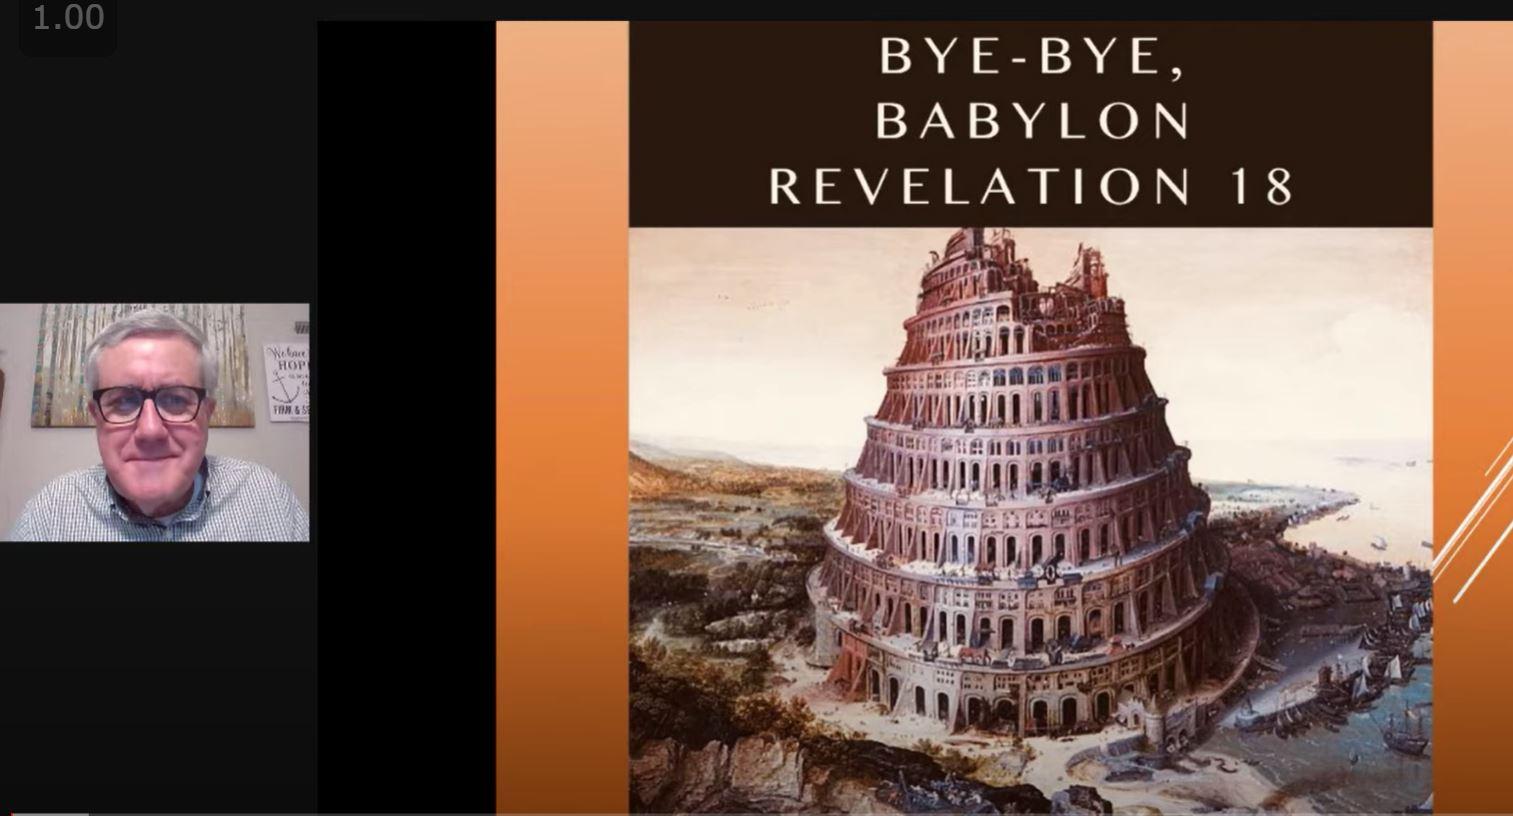 Bye-Bye, Babylon (Revelation 18)